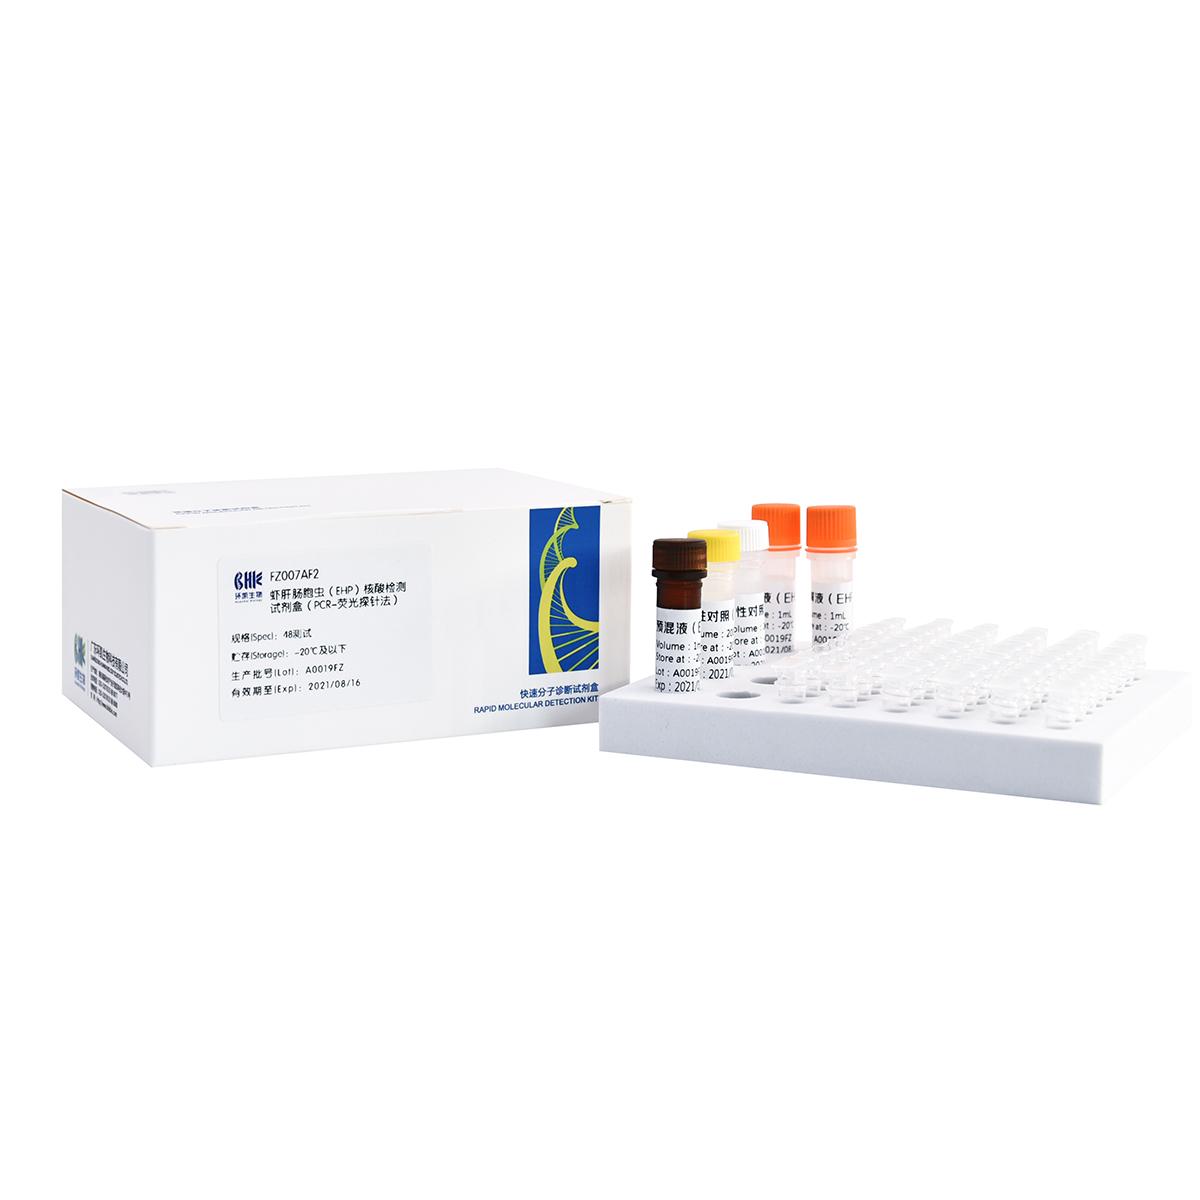 金黄色葡萄球菌PCR检测试剂盒(荧光探针法)